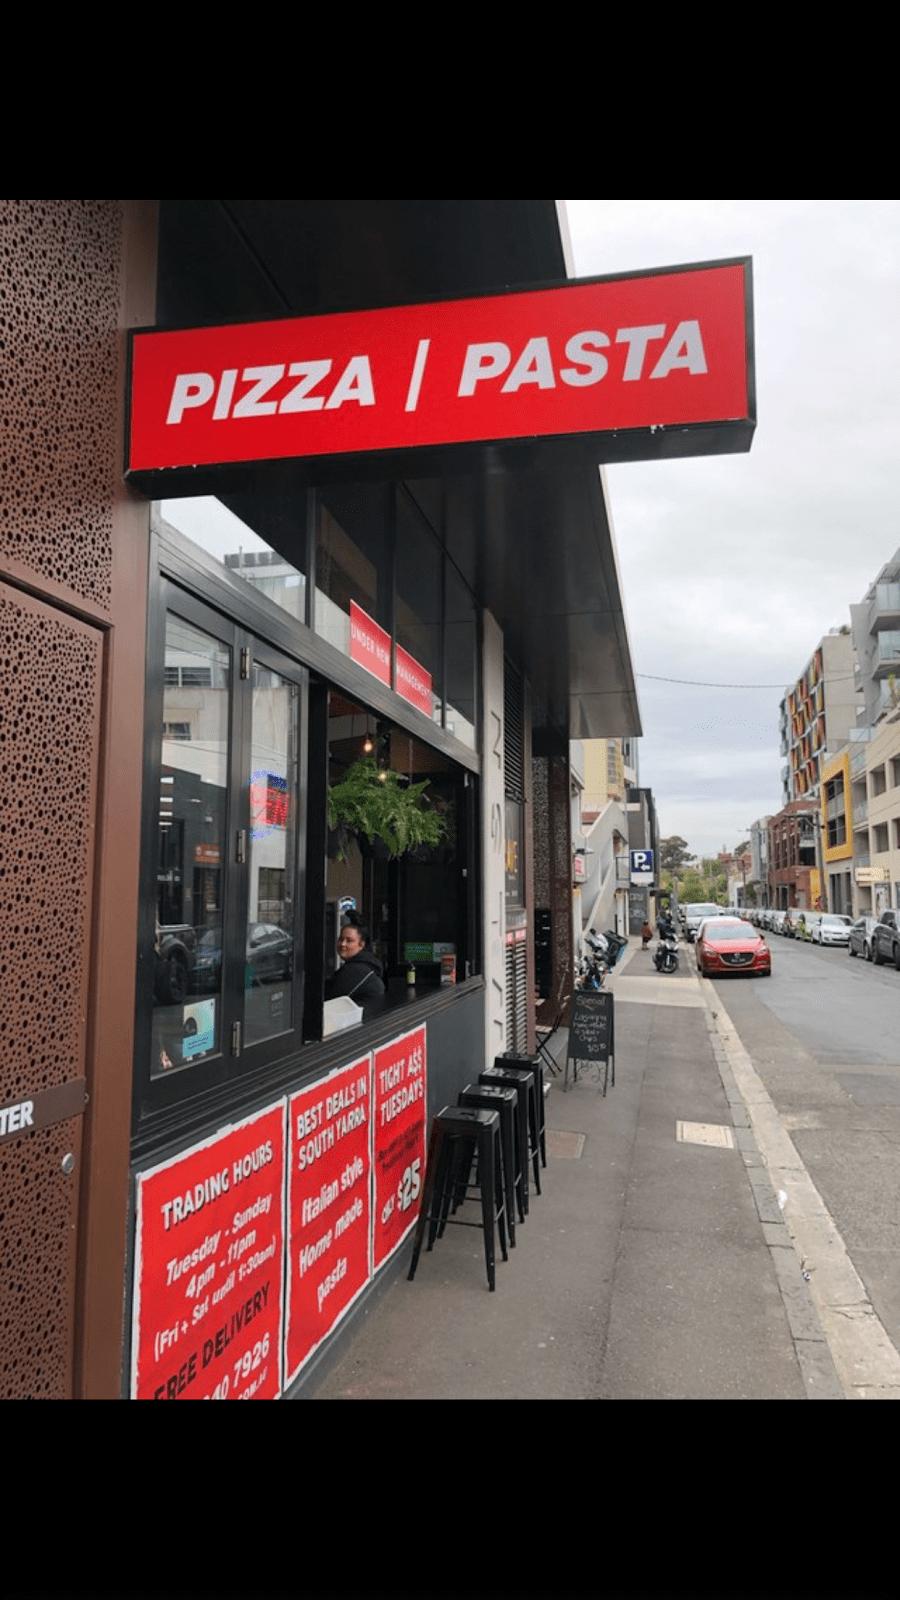 Crave Pizza Pasta